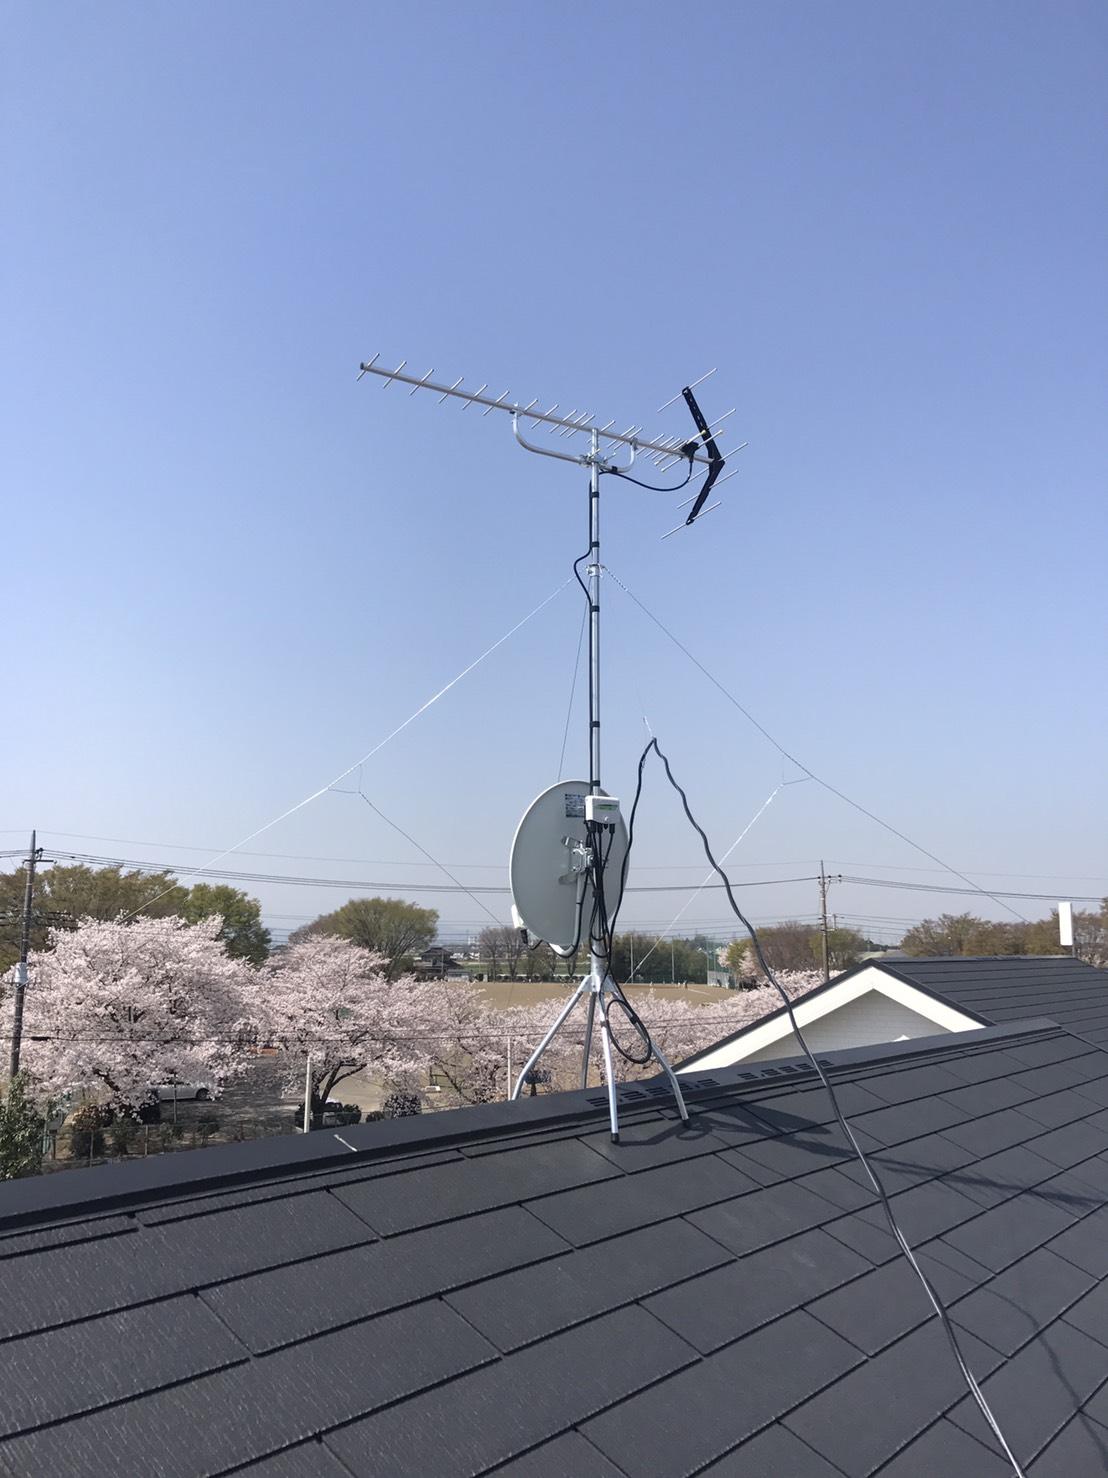 関東・東海・関西のテレビアンテナ工事なら株式会社電翔へお任せください